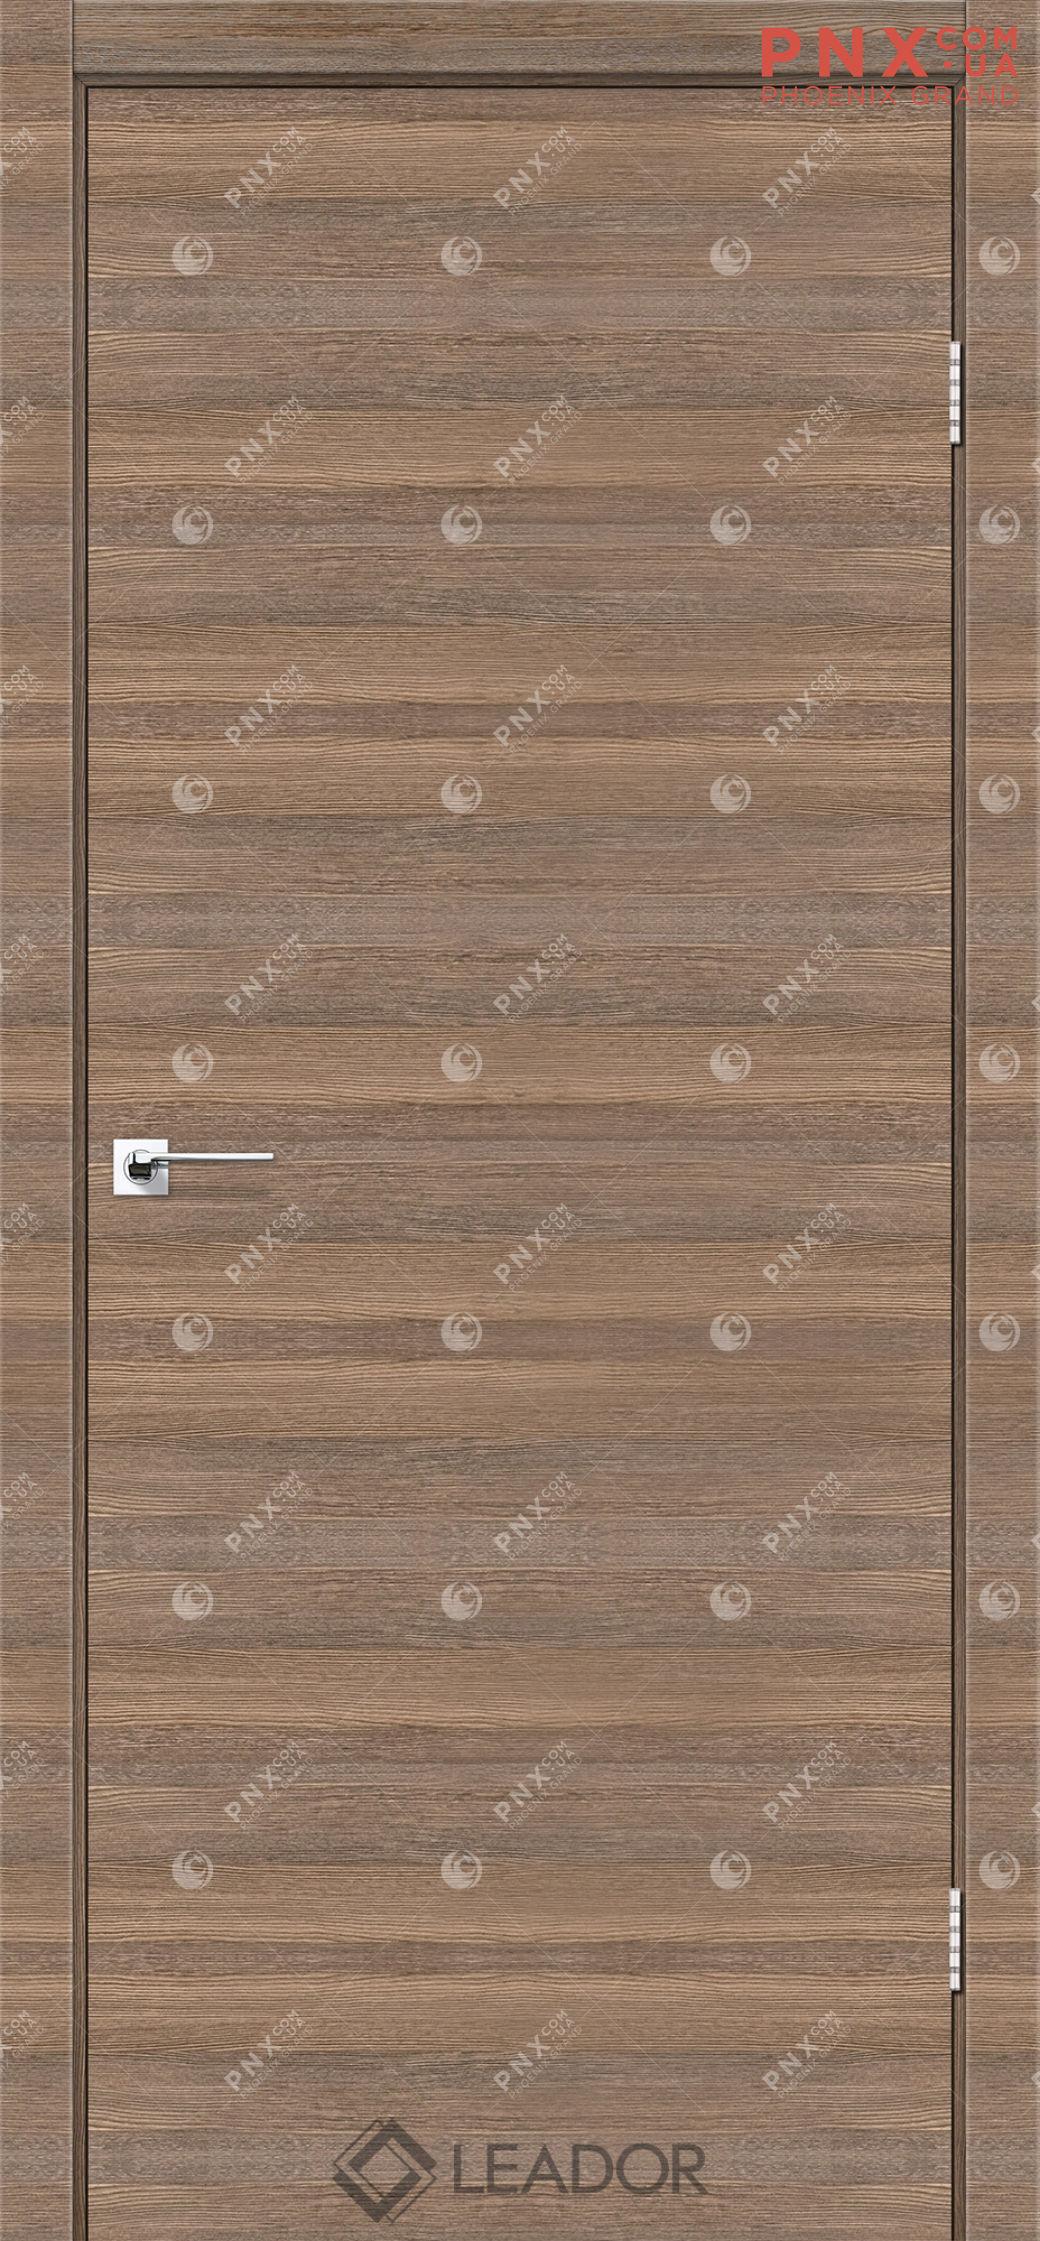 Межкомнатная дверь LEADOR Asti, Серое дерево, Глухое